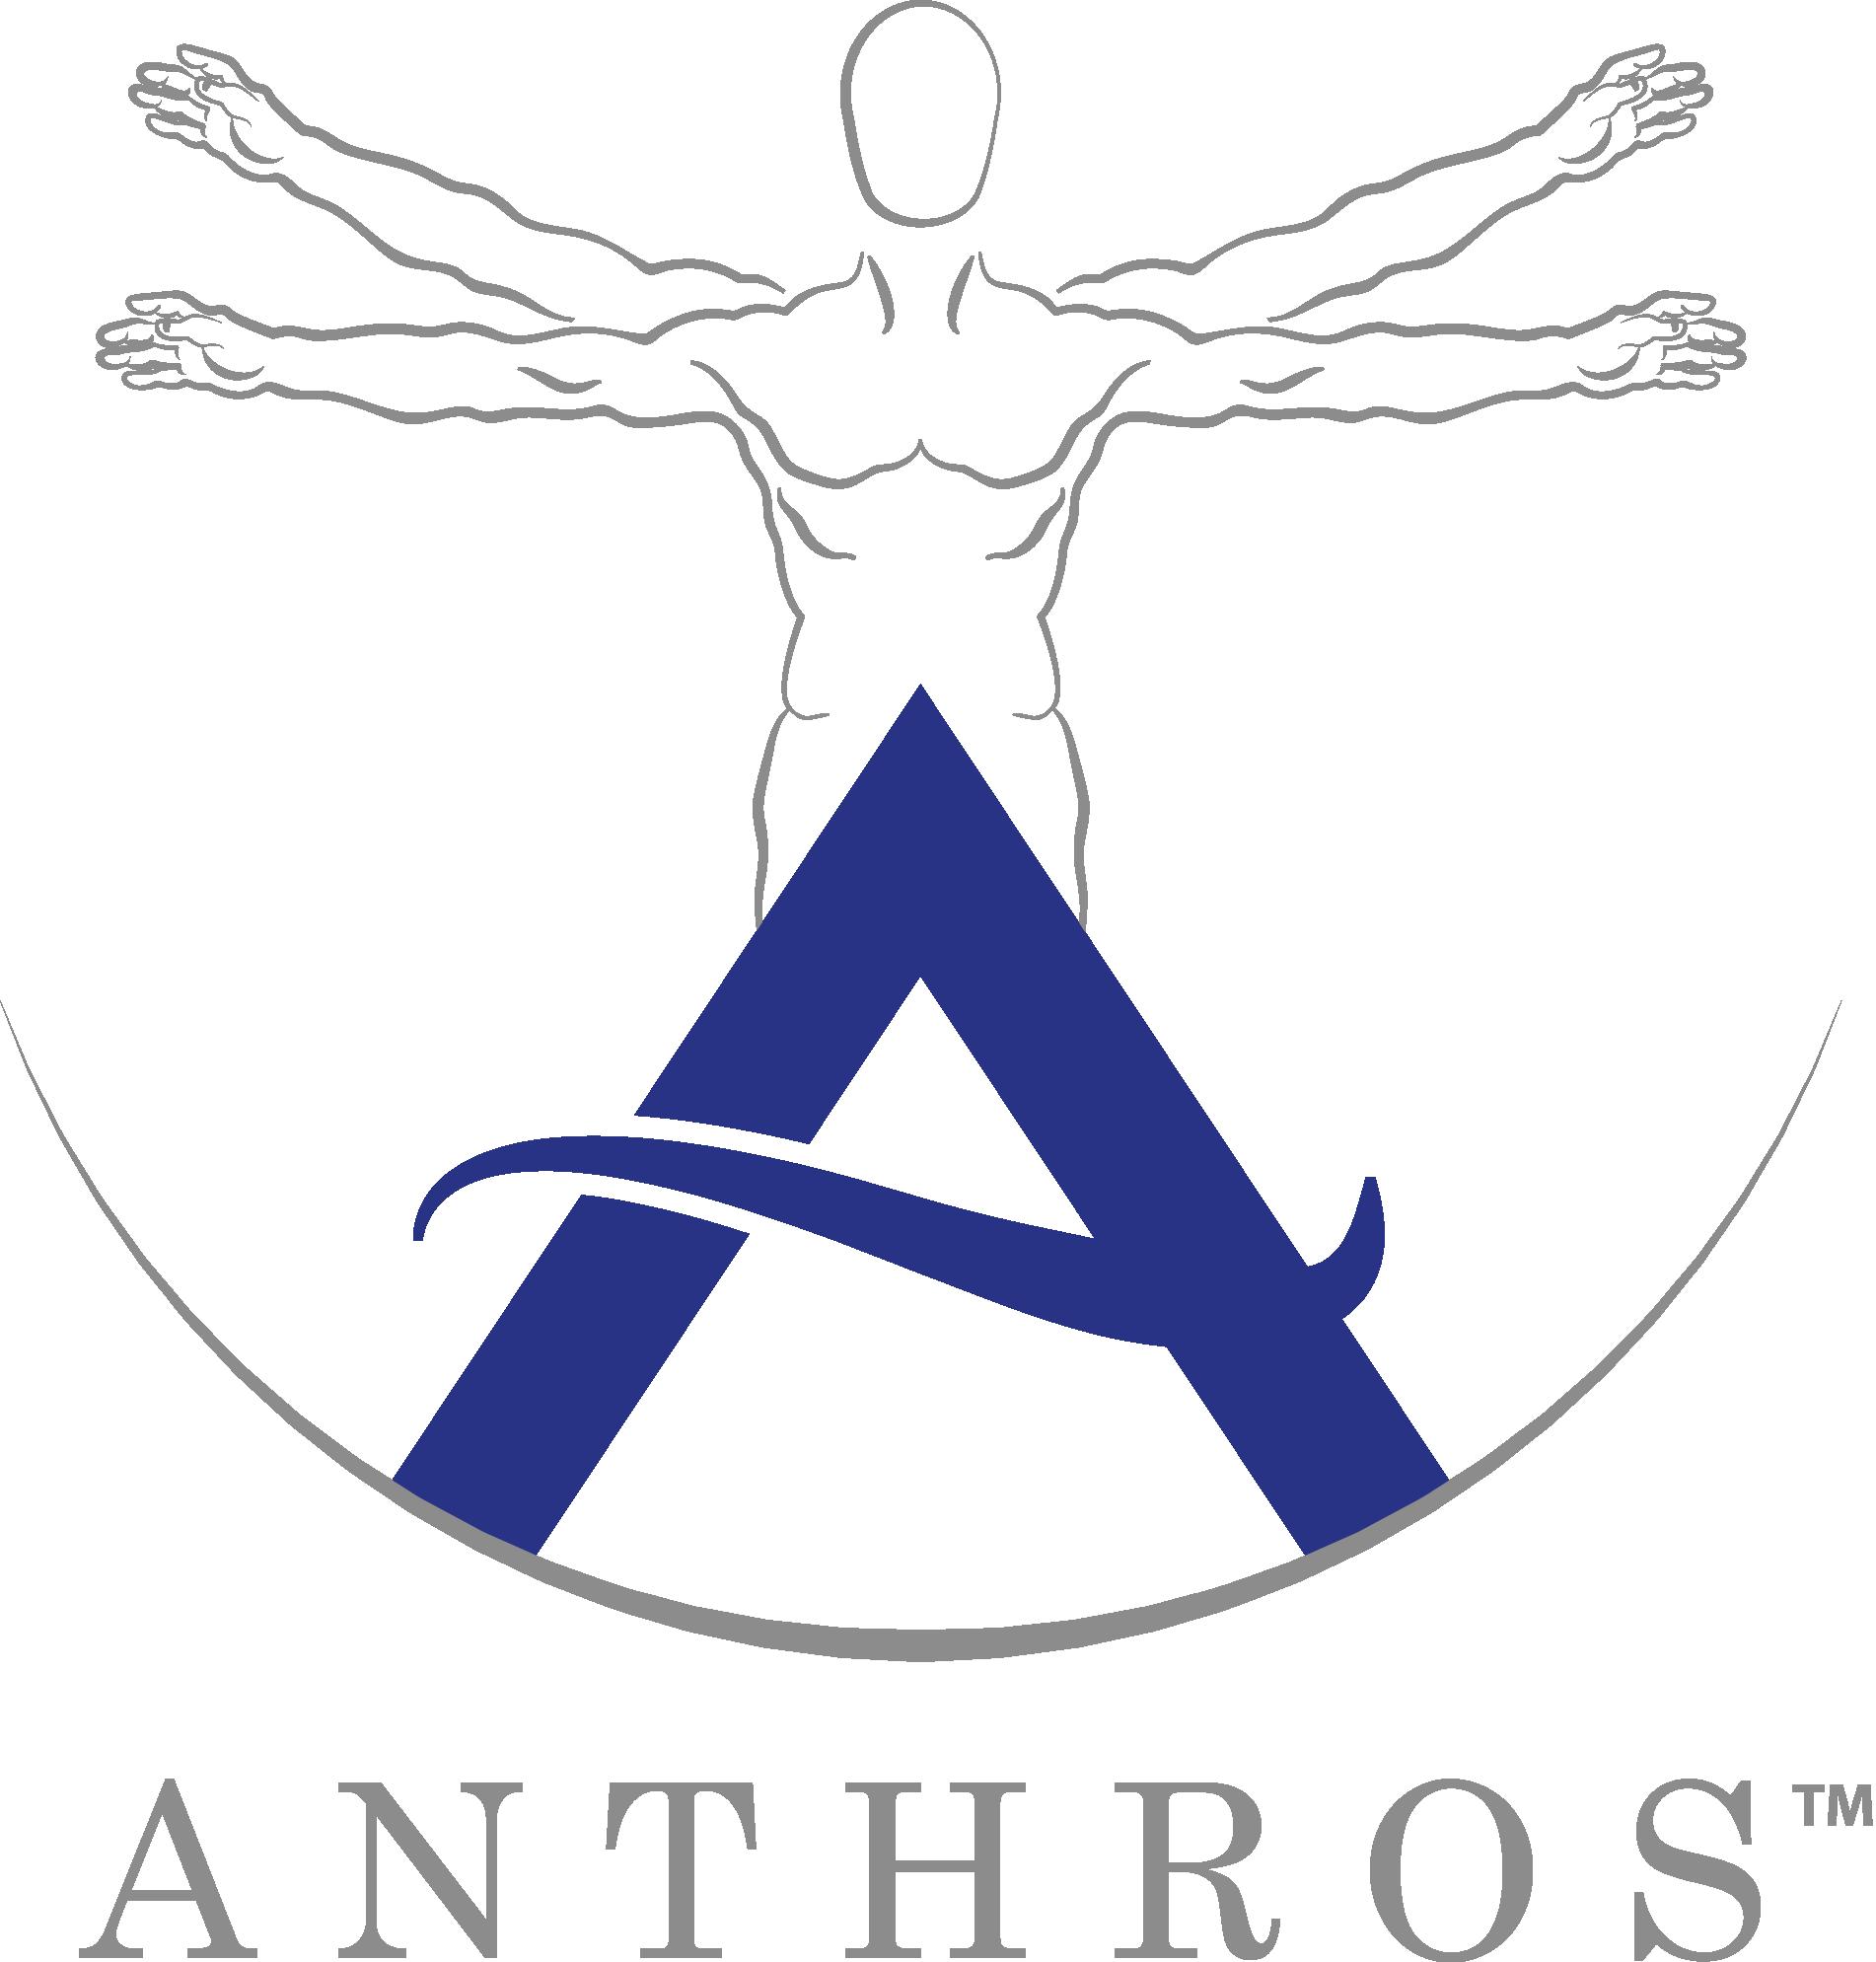 Anthros_Logo_Trademark2.png